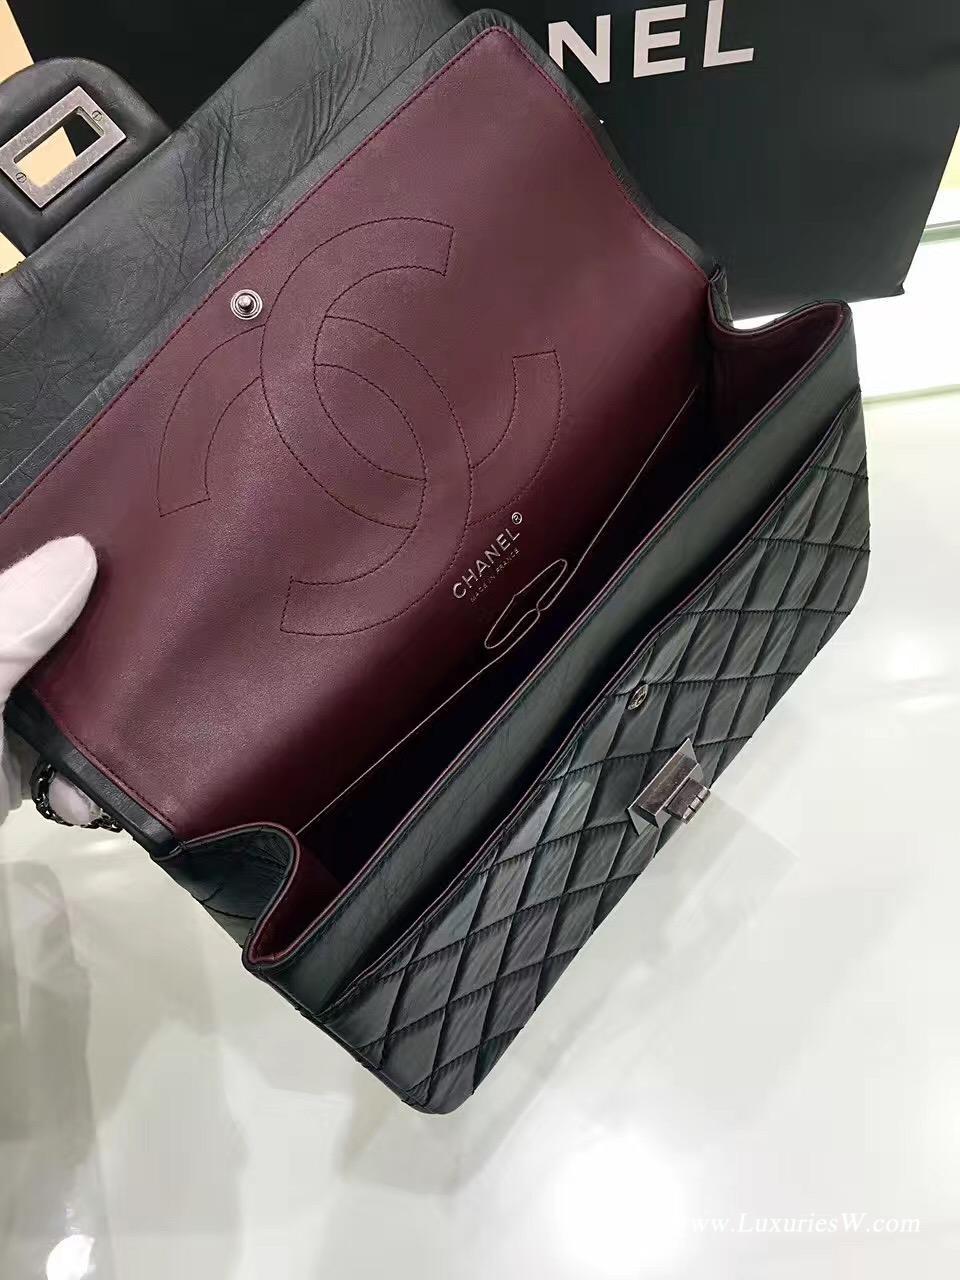 小香經典款大號Large 2.55 handbag口蓋包復古小牛皮 黑與酒紅